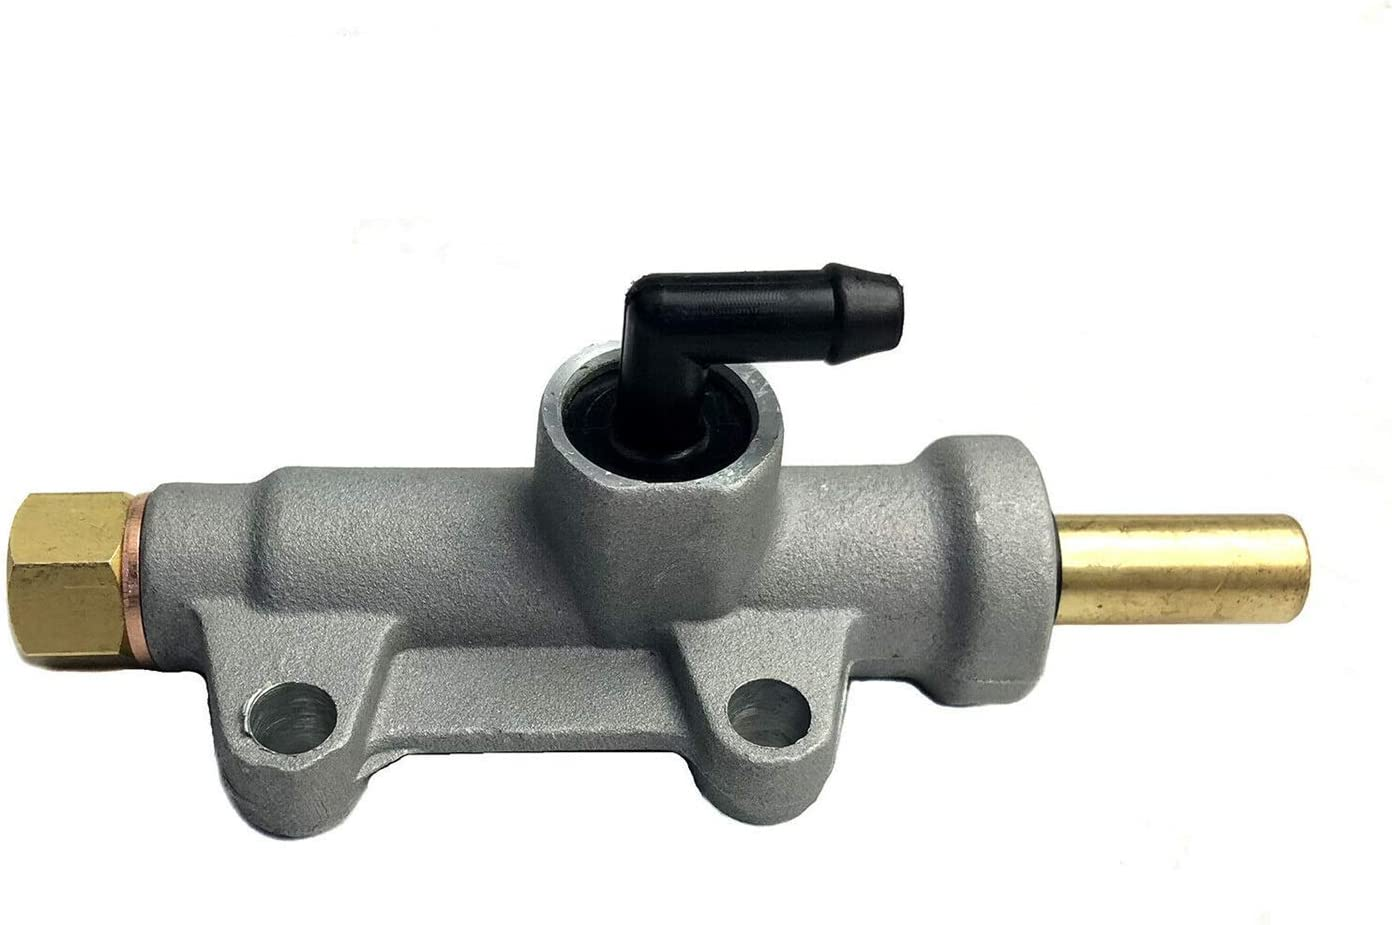 Pompe de ma/ître-cylindre de frein arri/ère de moto pour Polaris Sportsman 335 400 450 500 600 700 800 Pompe de cylindre de frein de pied arri/ère 1911113//1910790//1910301